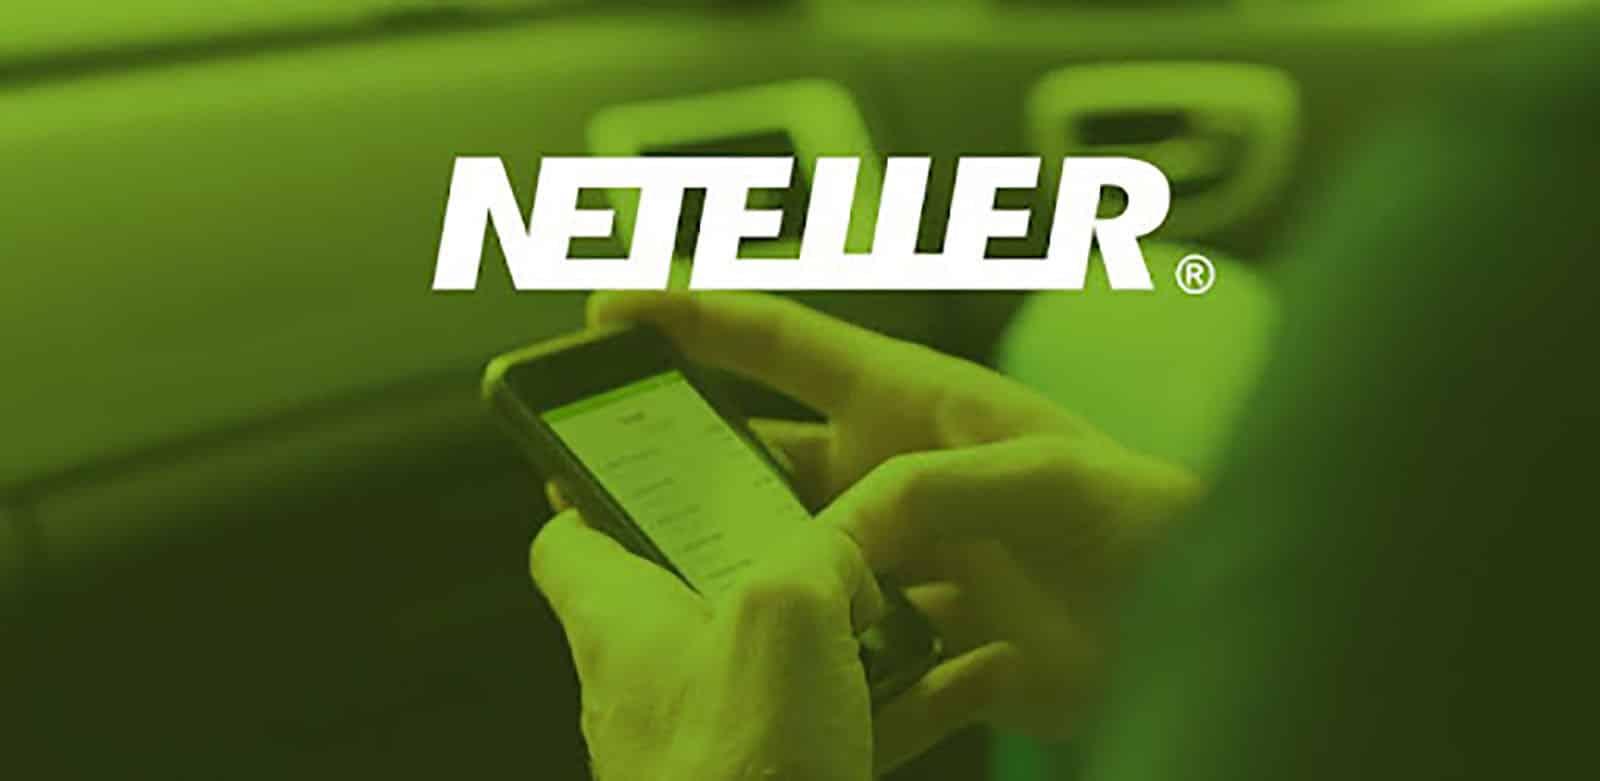 neteller - Neteller cose e come funziona - Neteller cos'è e come funziona